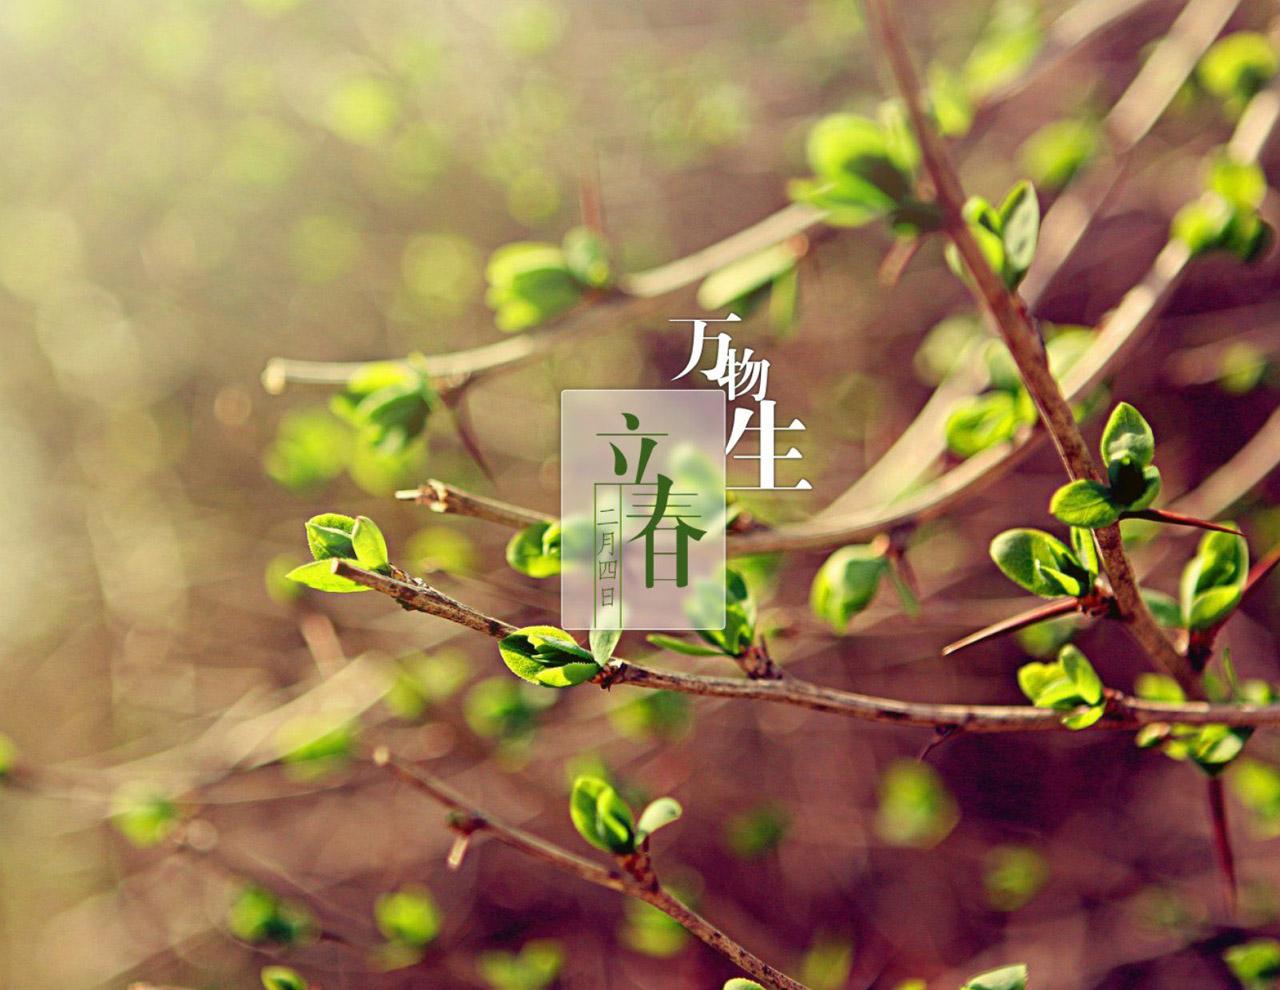 转眼又是立春,这份春节前的大礼包,你可有签收?